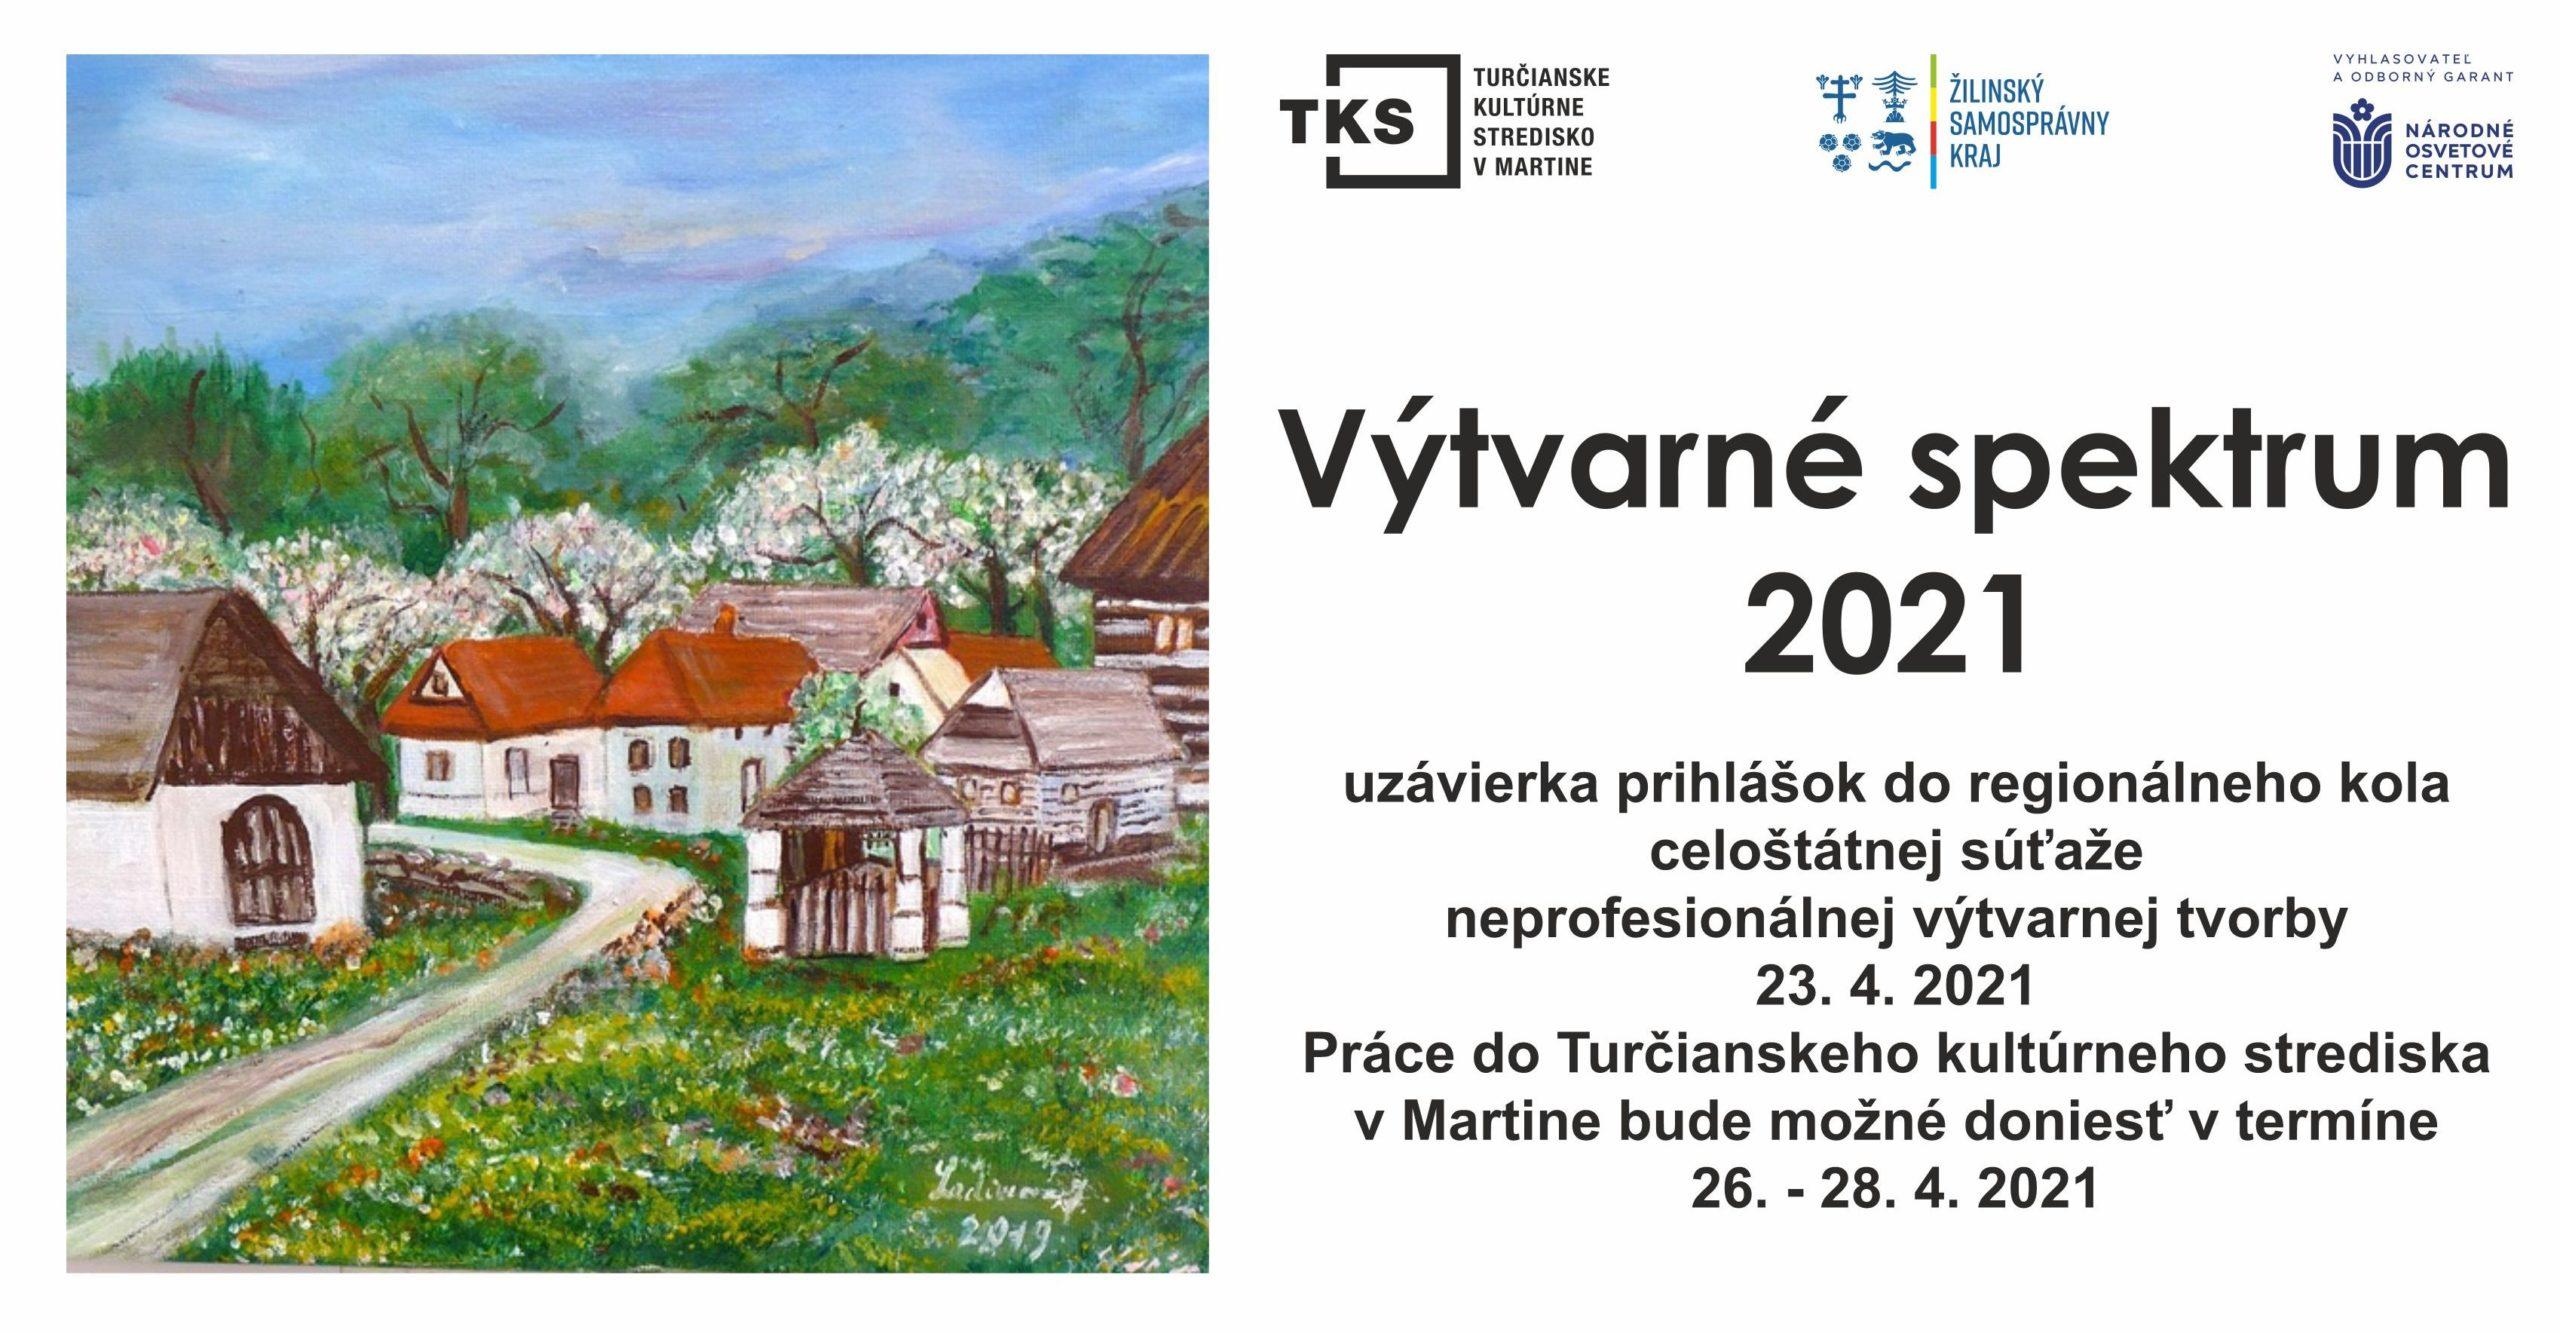 Výtvarné spektrum 2021 prihlásenie a propozície